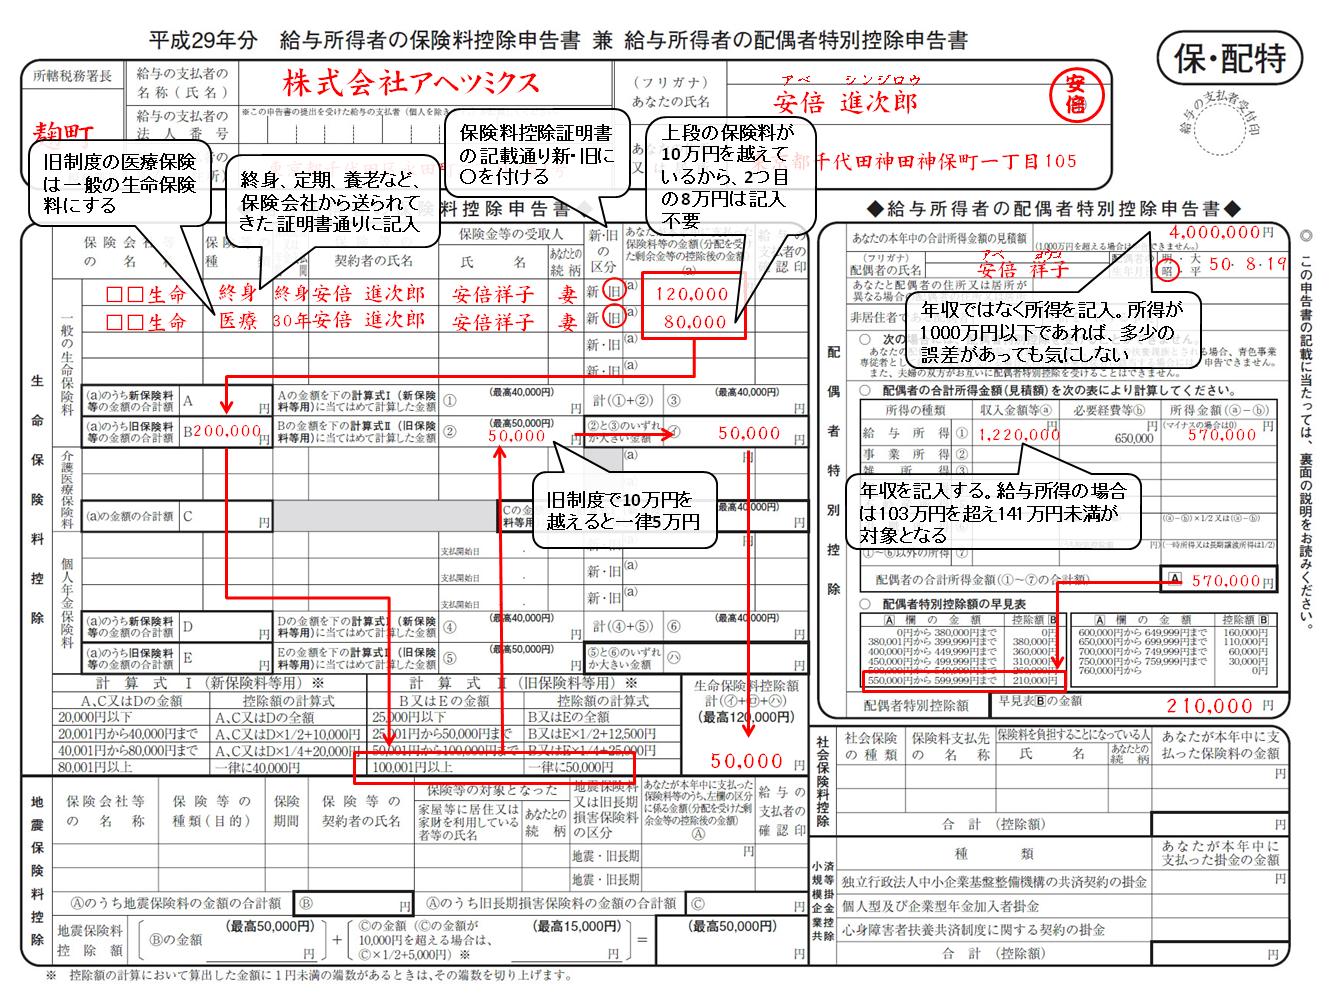 「平成29年分 給与所得者の保険料控除申告書 兼 配偶者特別控除申告書」の記入例1